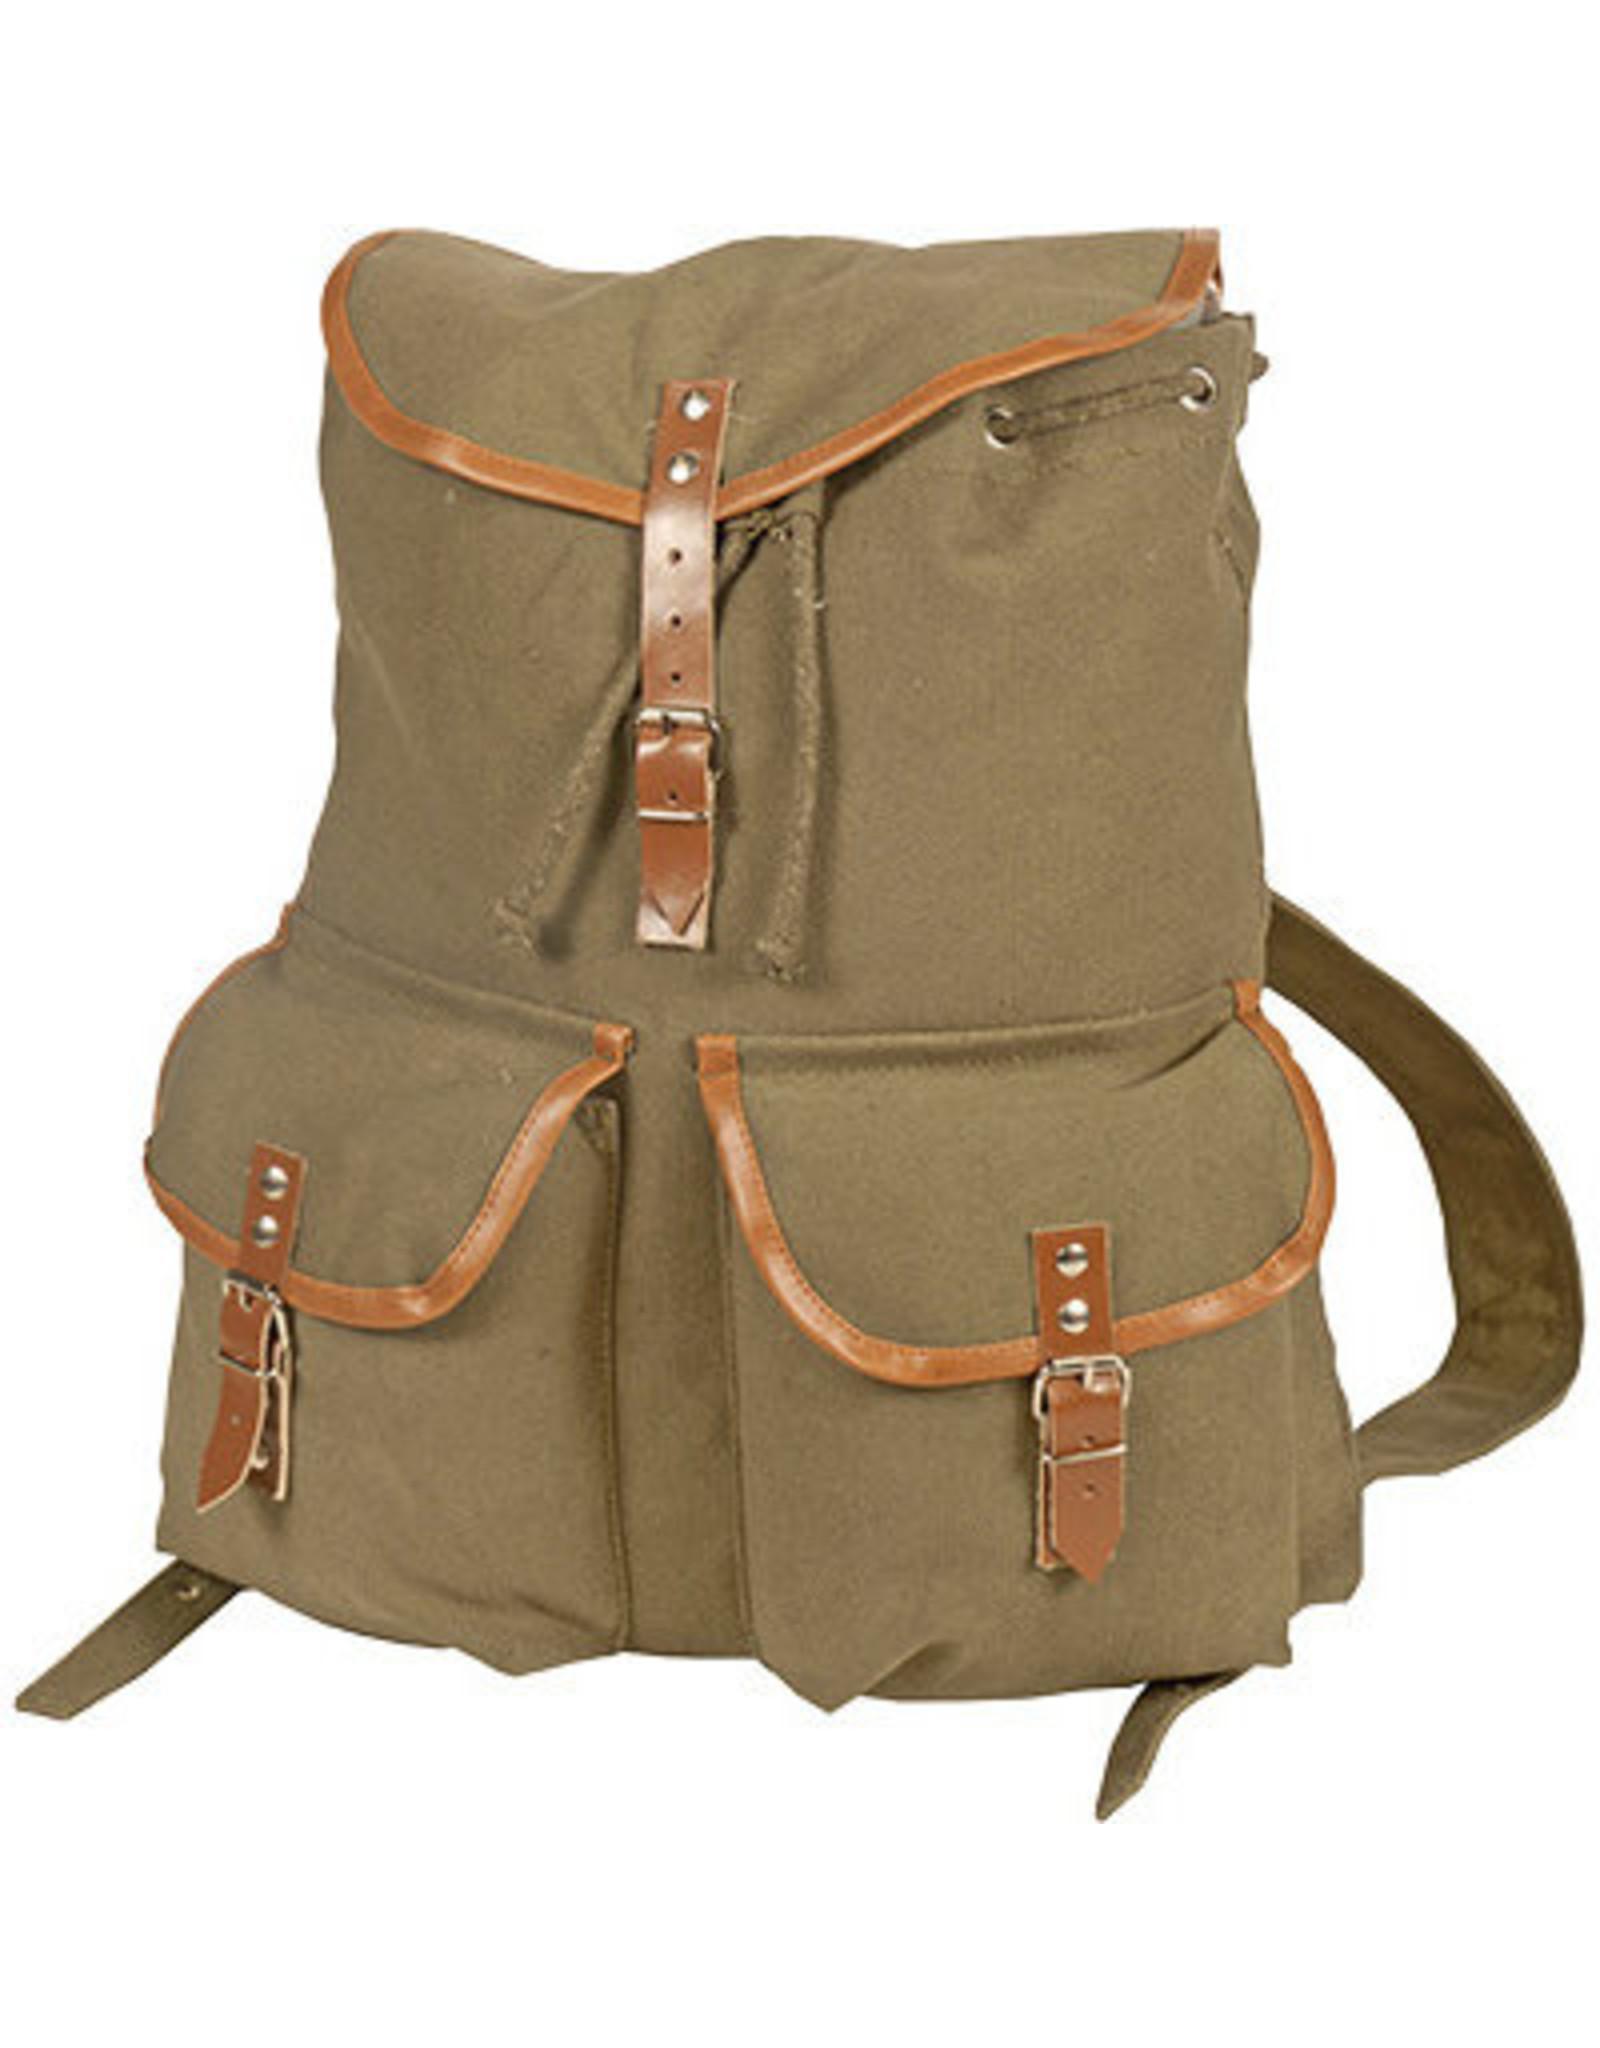 WORLD FAMOUS SALES Vintage Rucksack (1004)